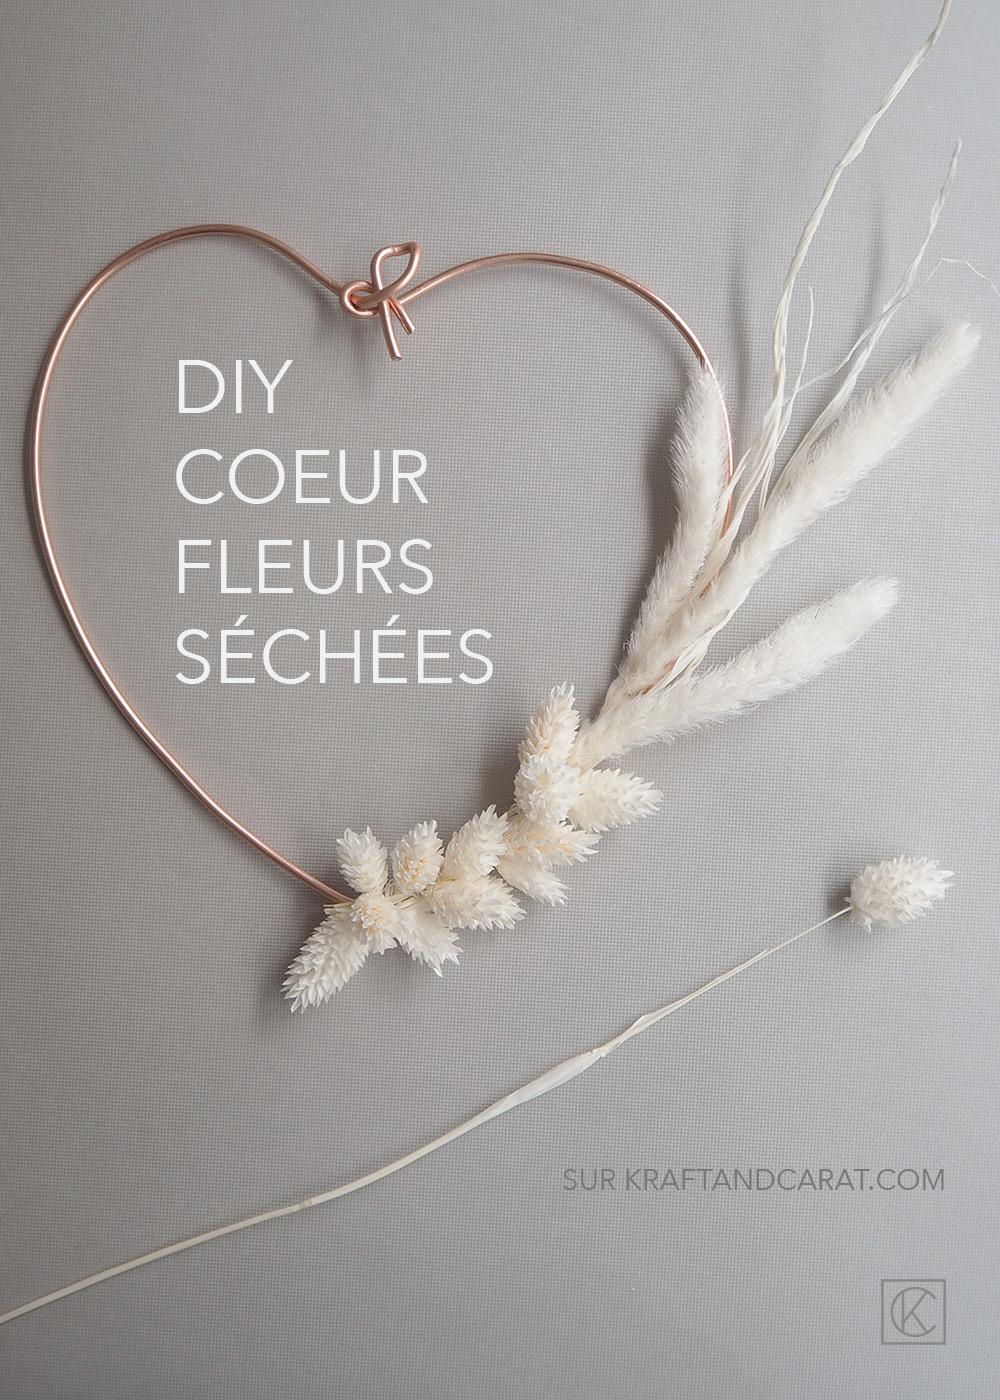 diy-couronne-fleurs-sechees-coeur-kraftandcarat-00c.jpg